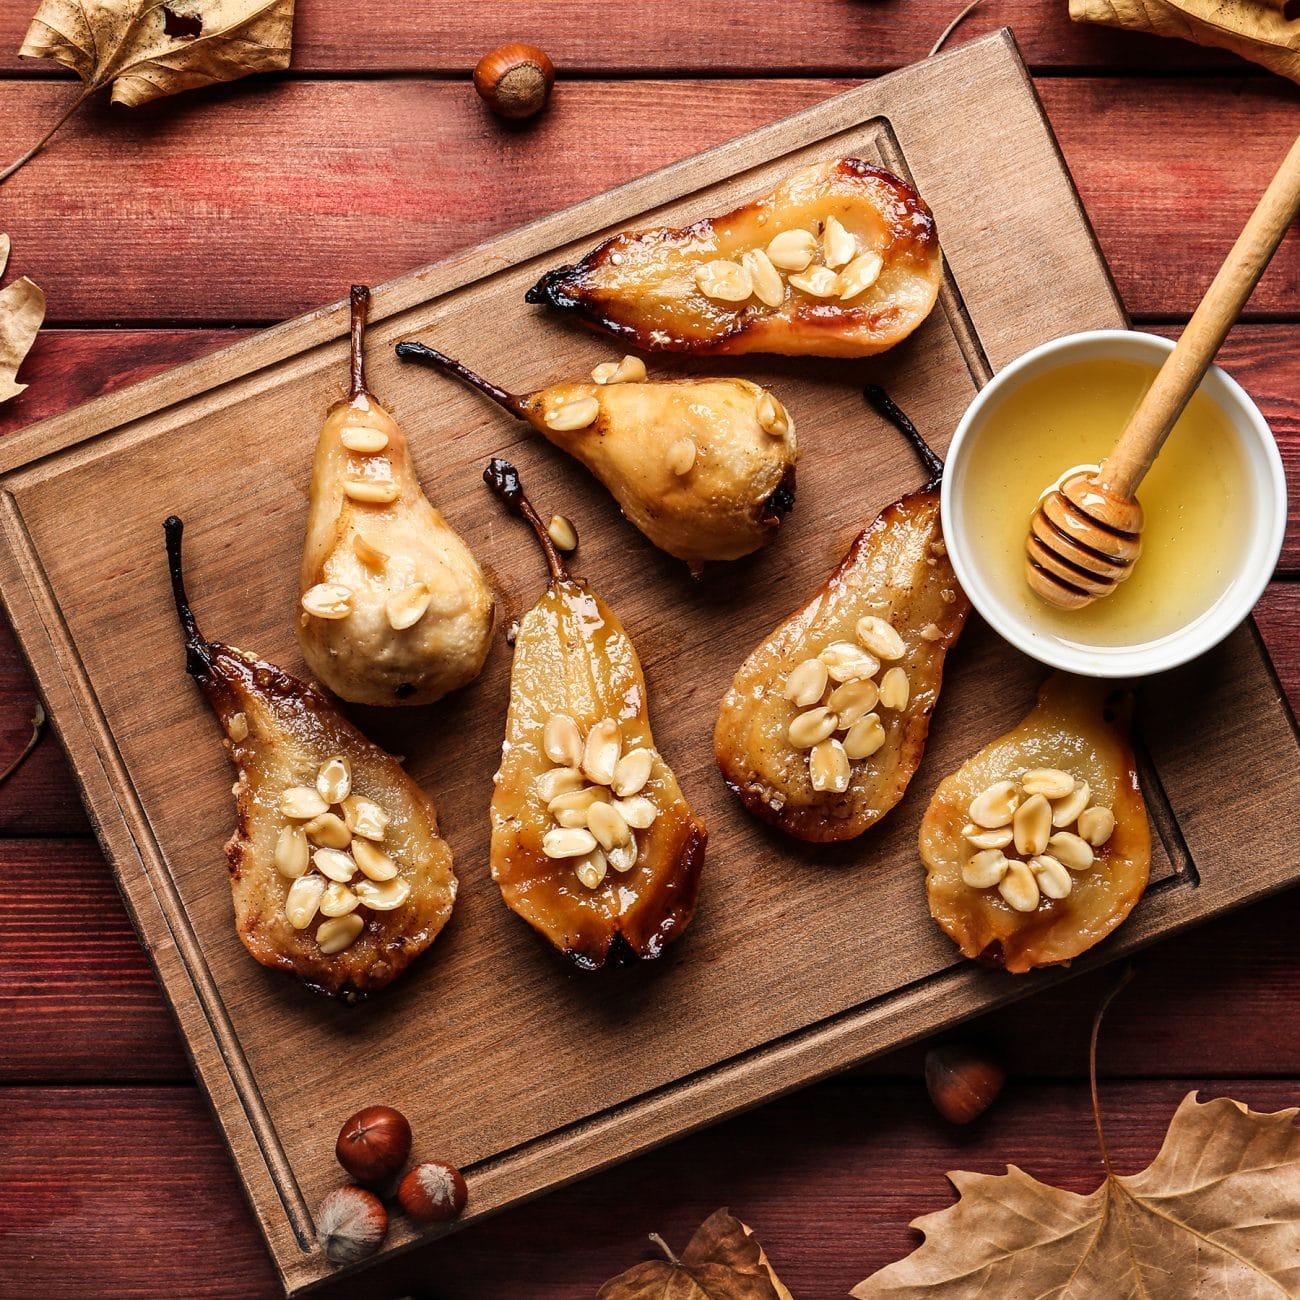 Pere Abate al forno con miele e frutta secca